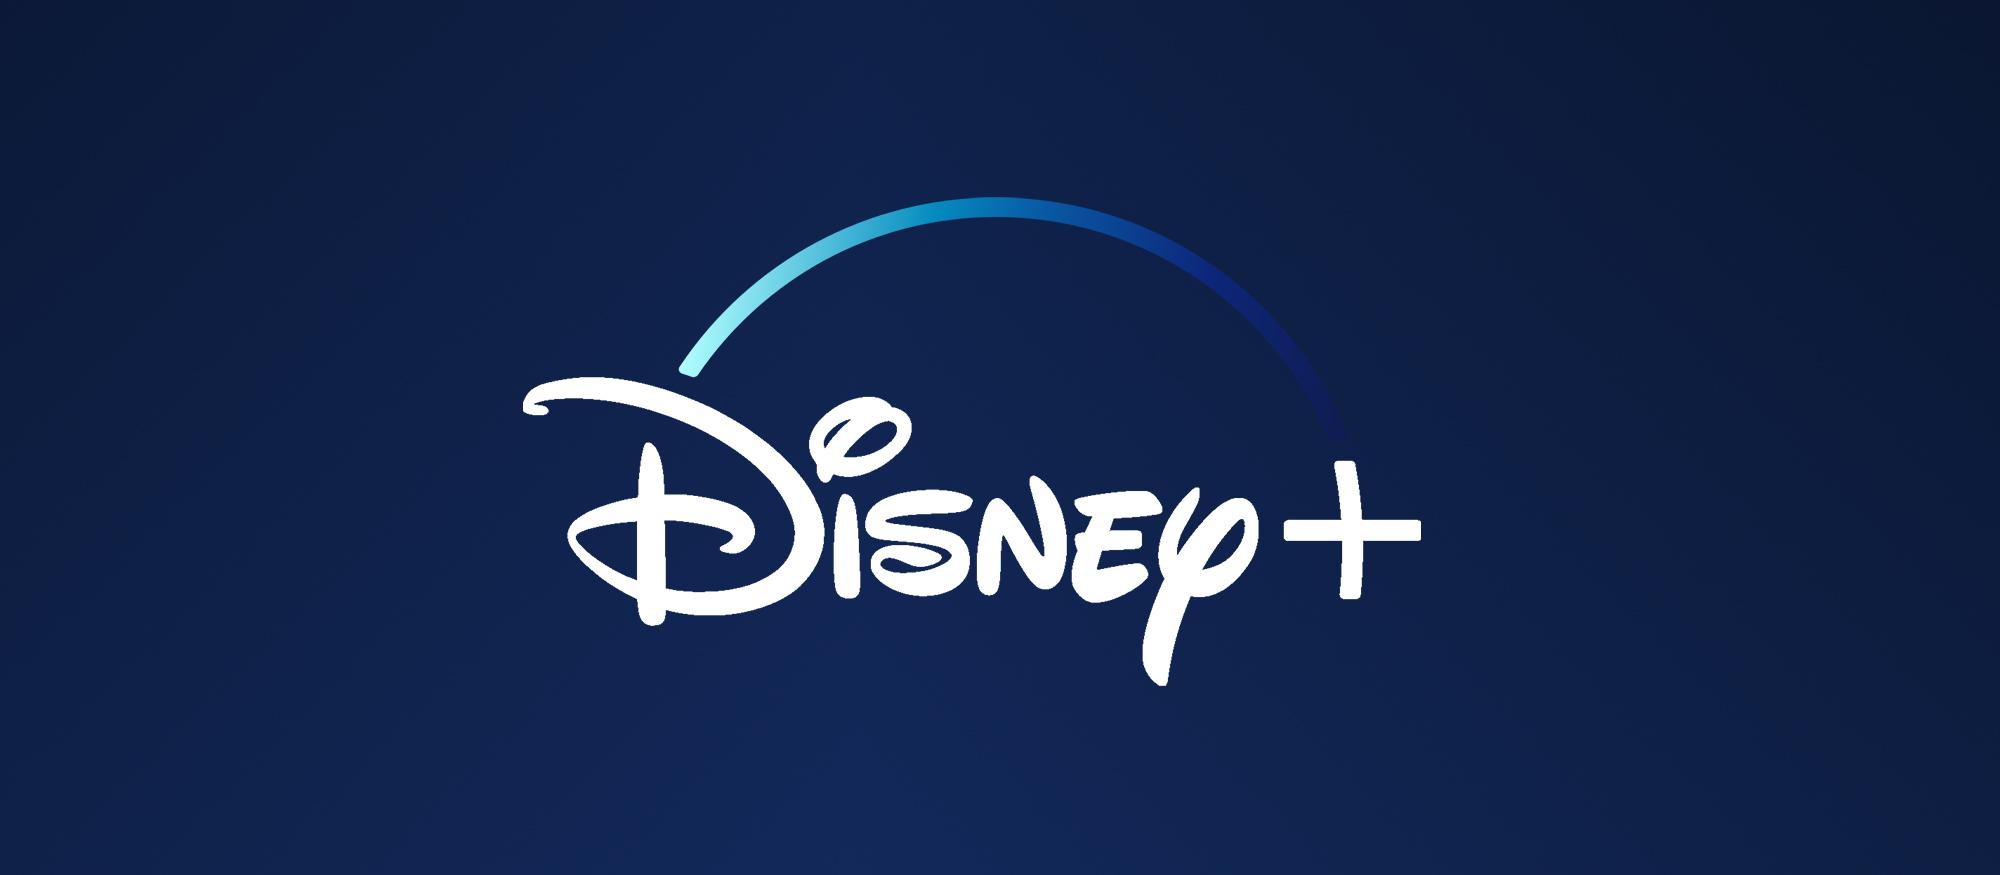 Novetat! Ja pots vincular Disney+ a Goufone TV!